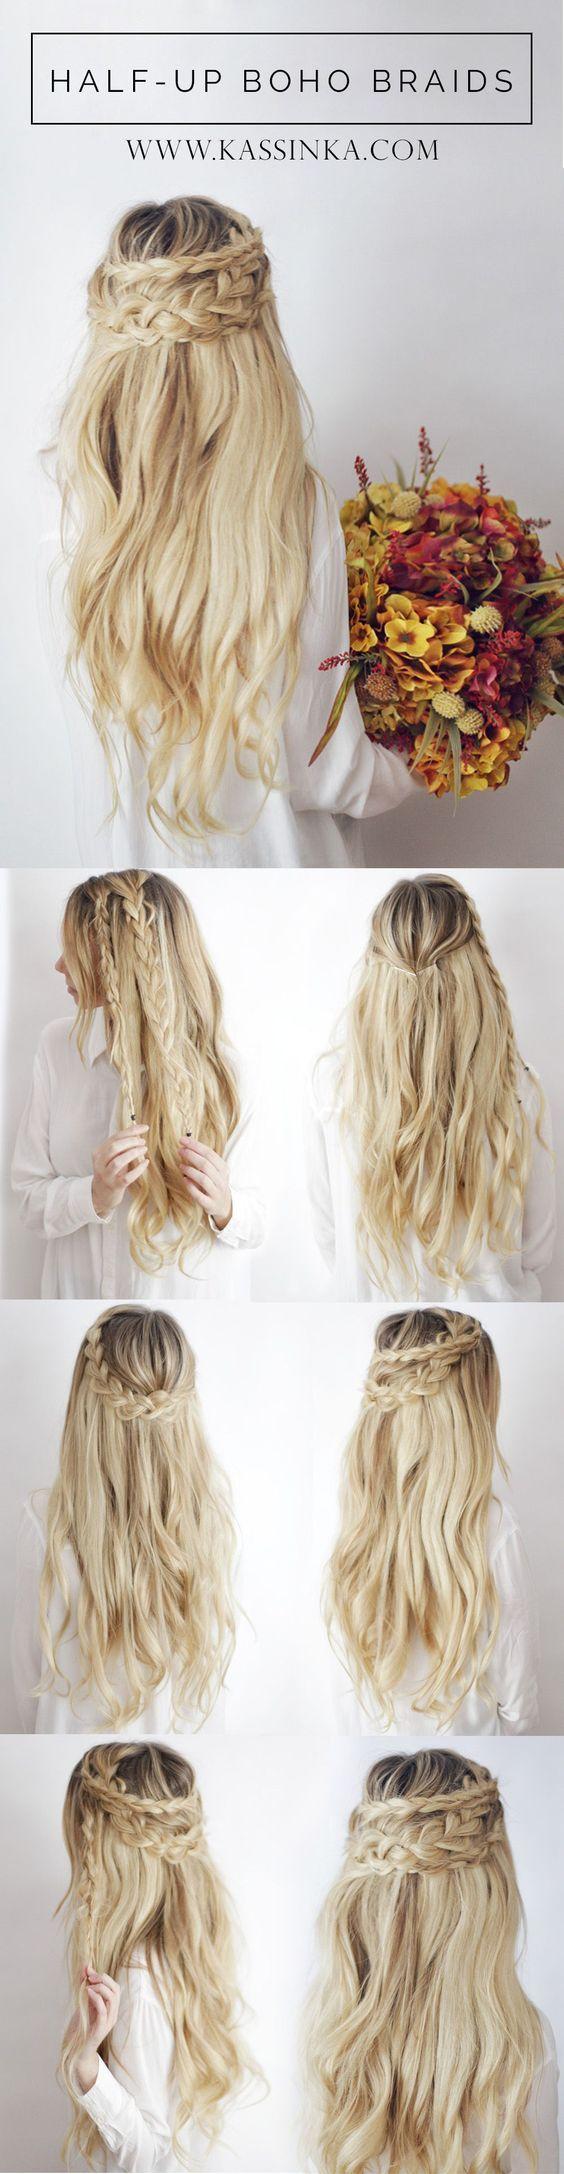 half-up boho braids bridal hair: | This Hair, I Grow It Myself ...